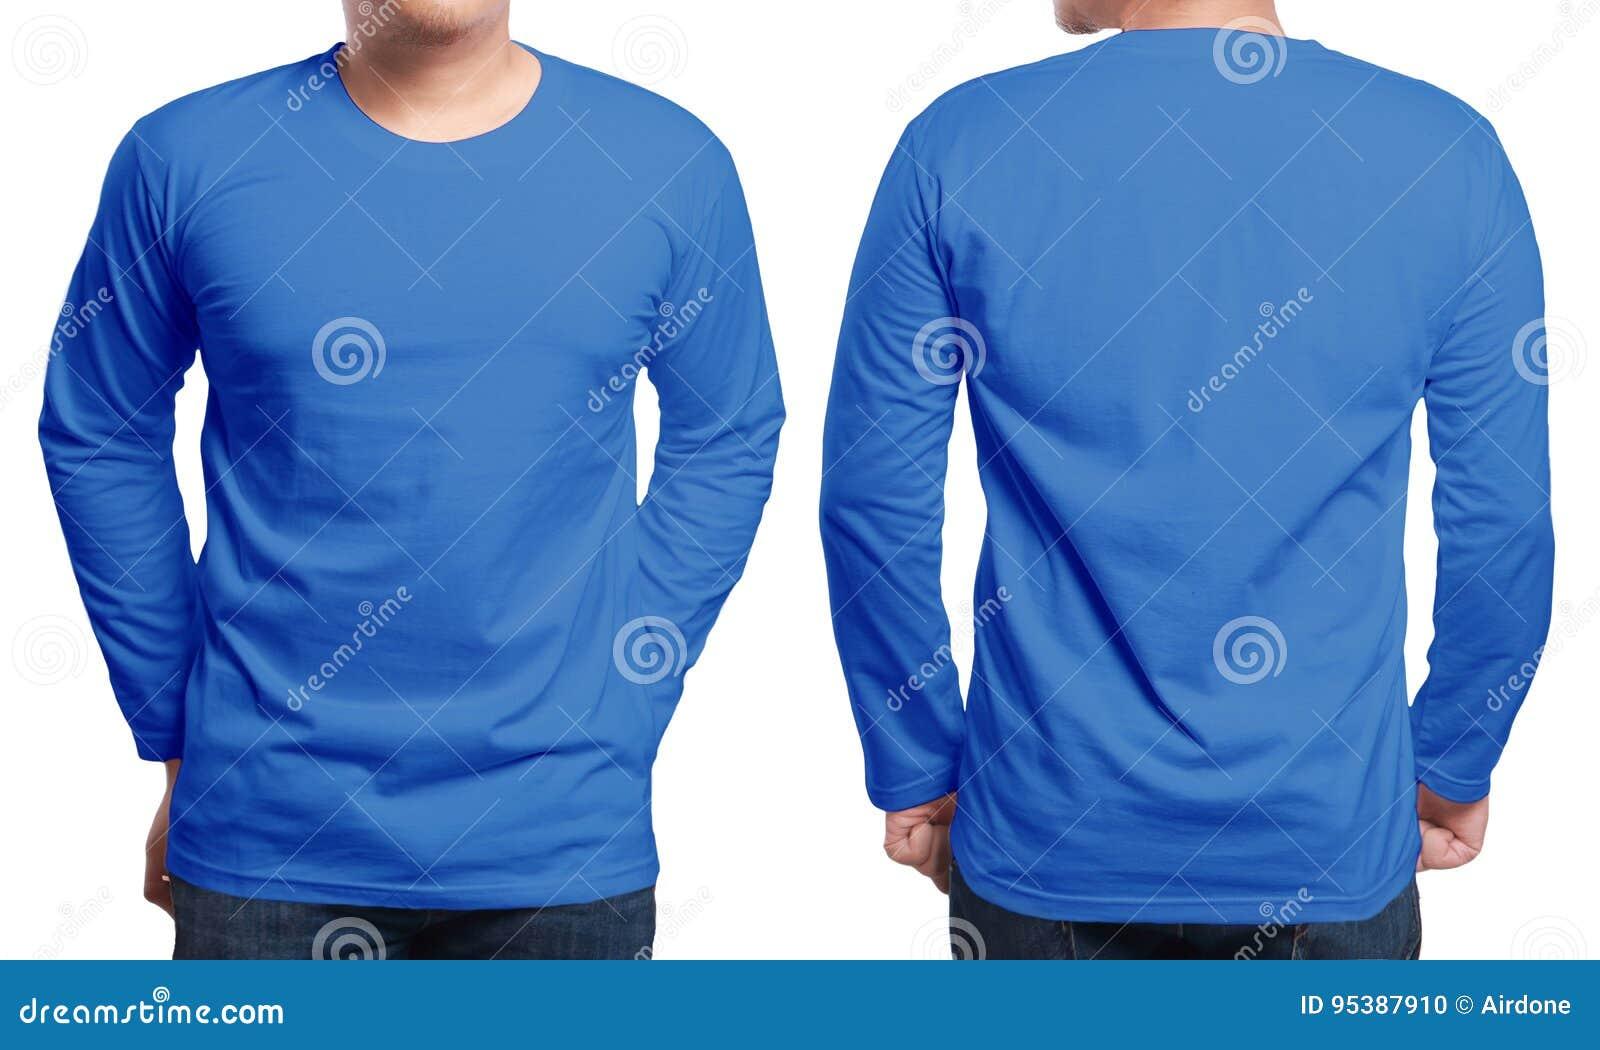 Blue Long Sleeved Shirt Design Template